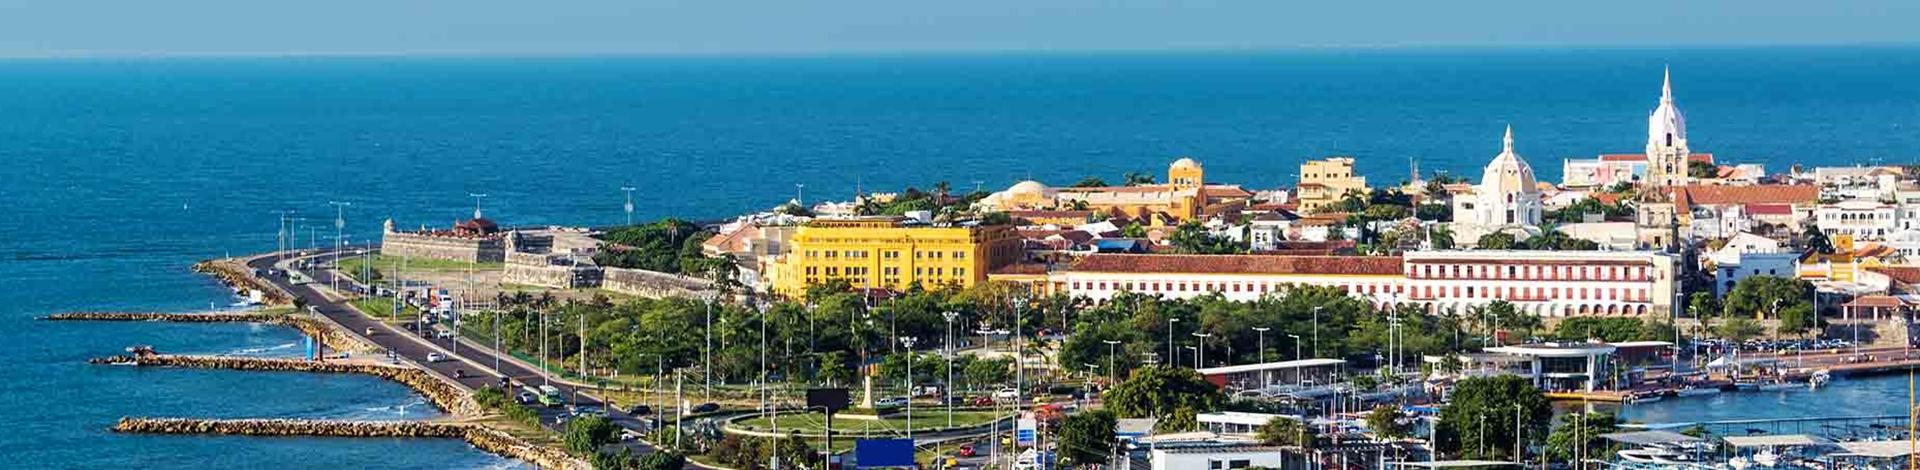 Punta Canoa